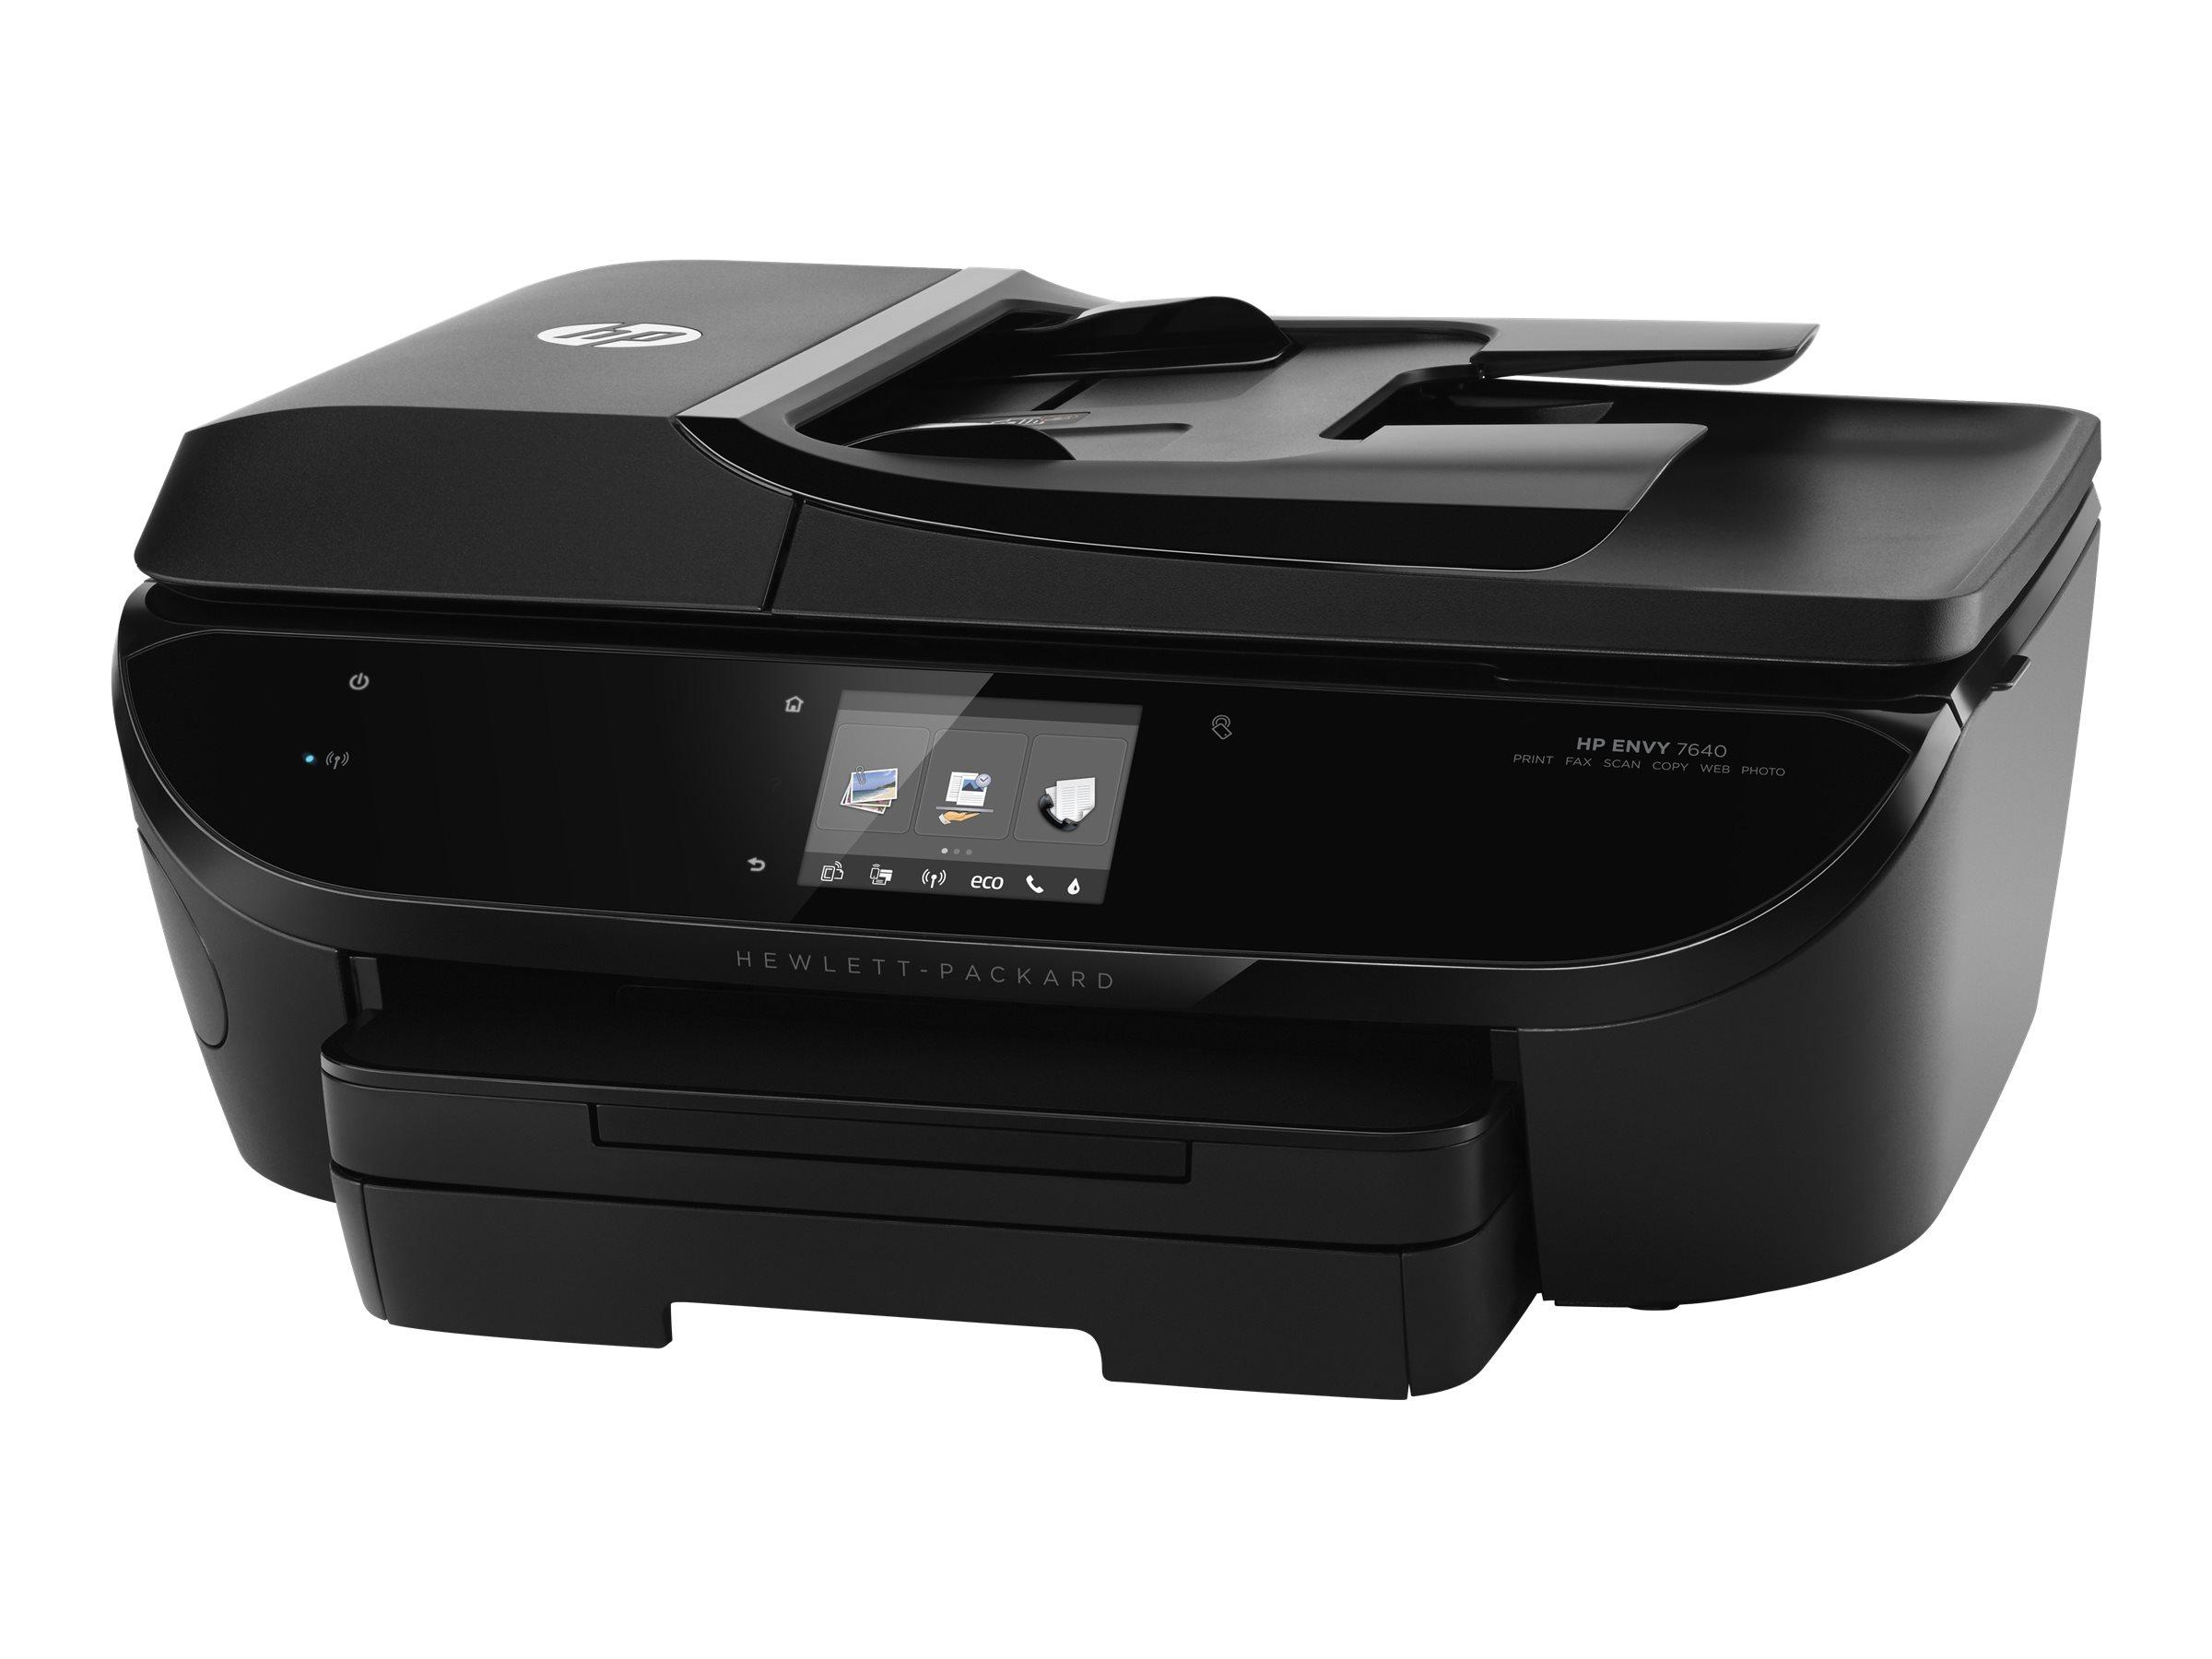 HP Envy 7640 e-All-in-One - Multifunktionsdrucker